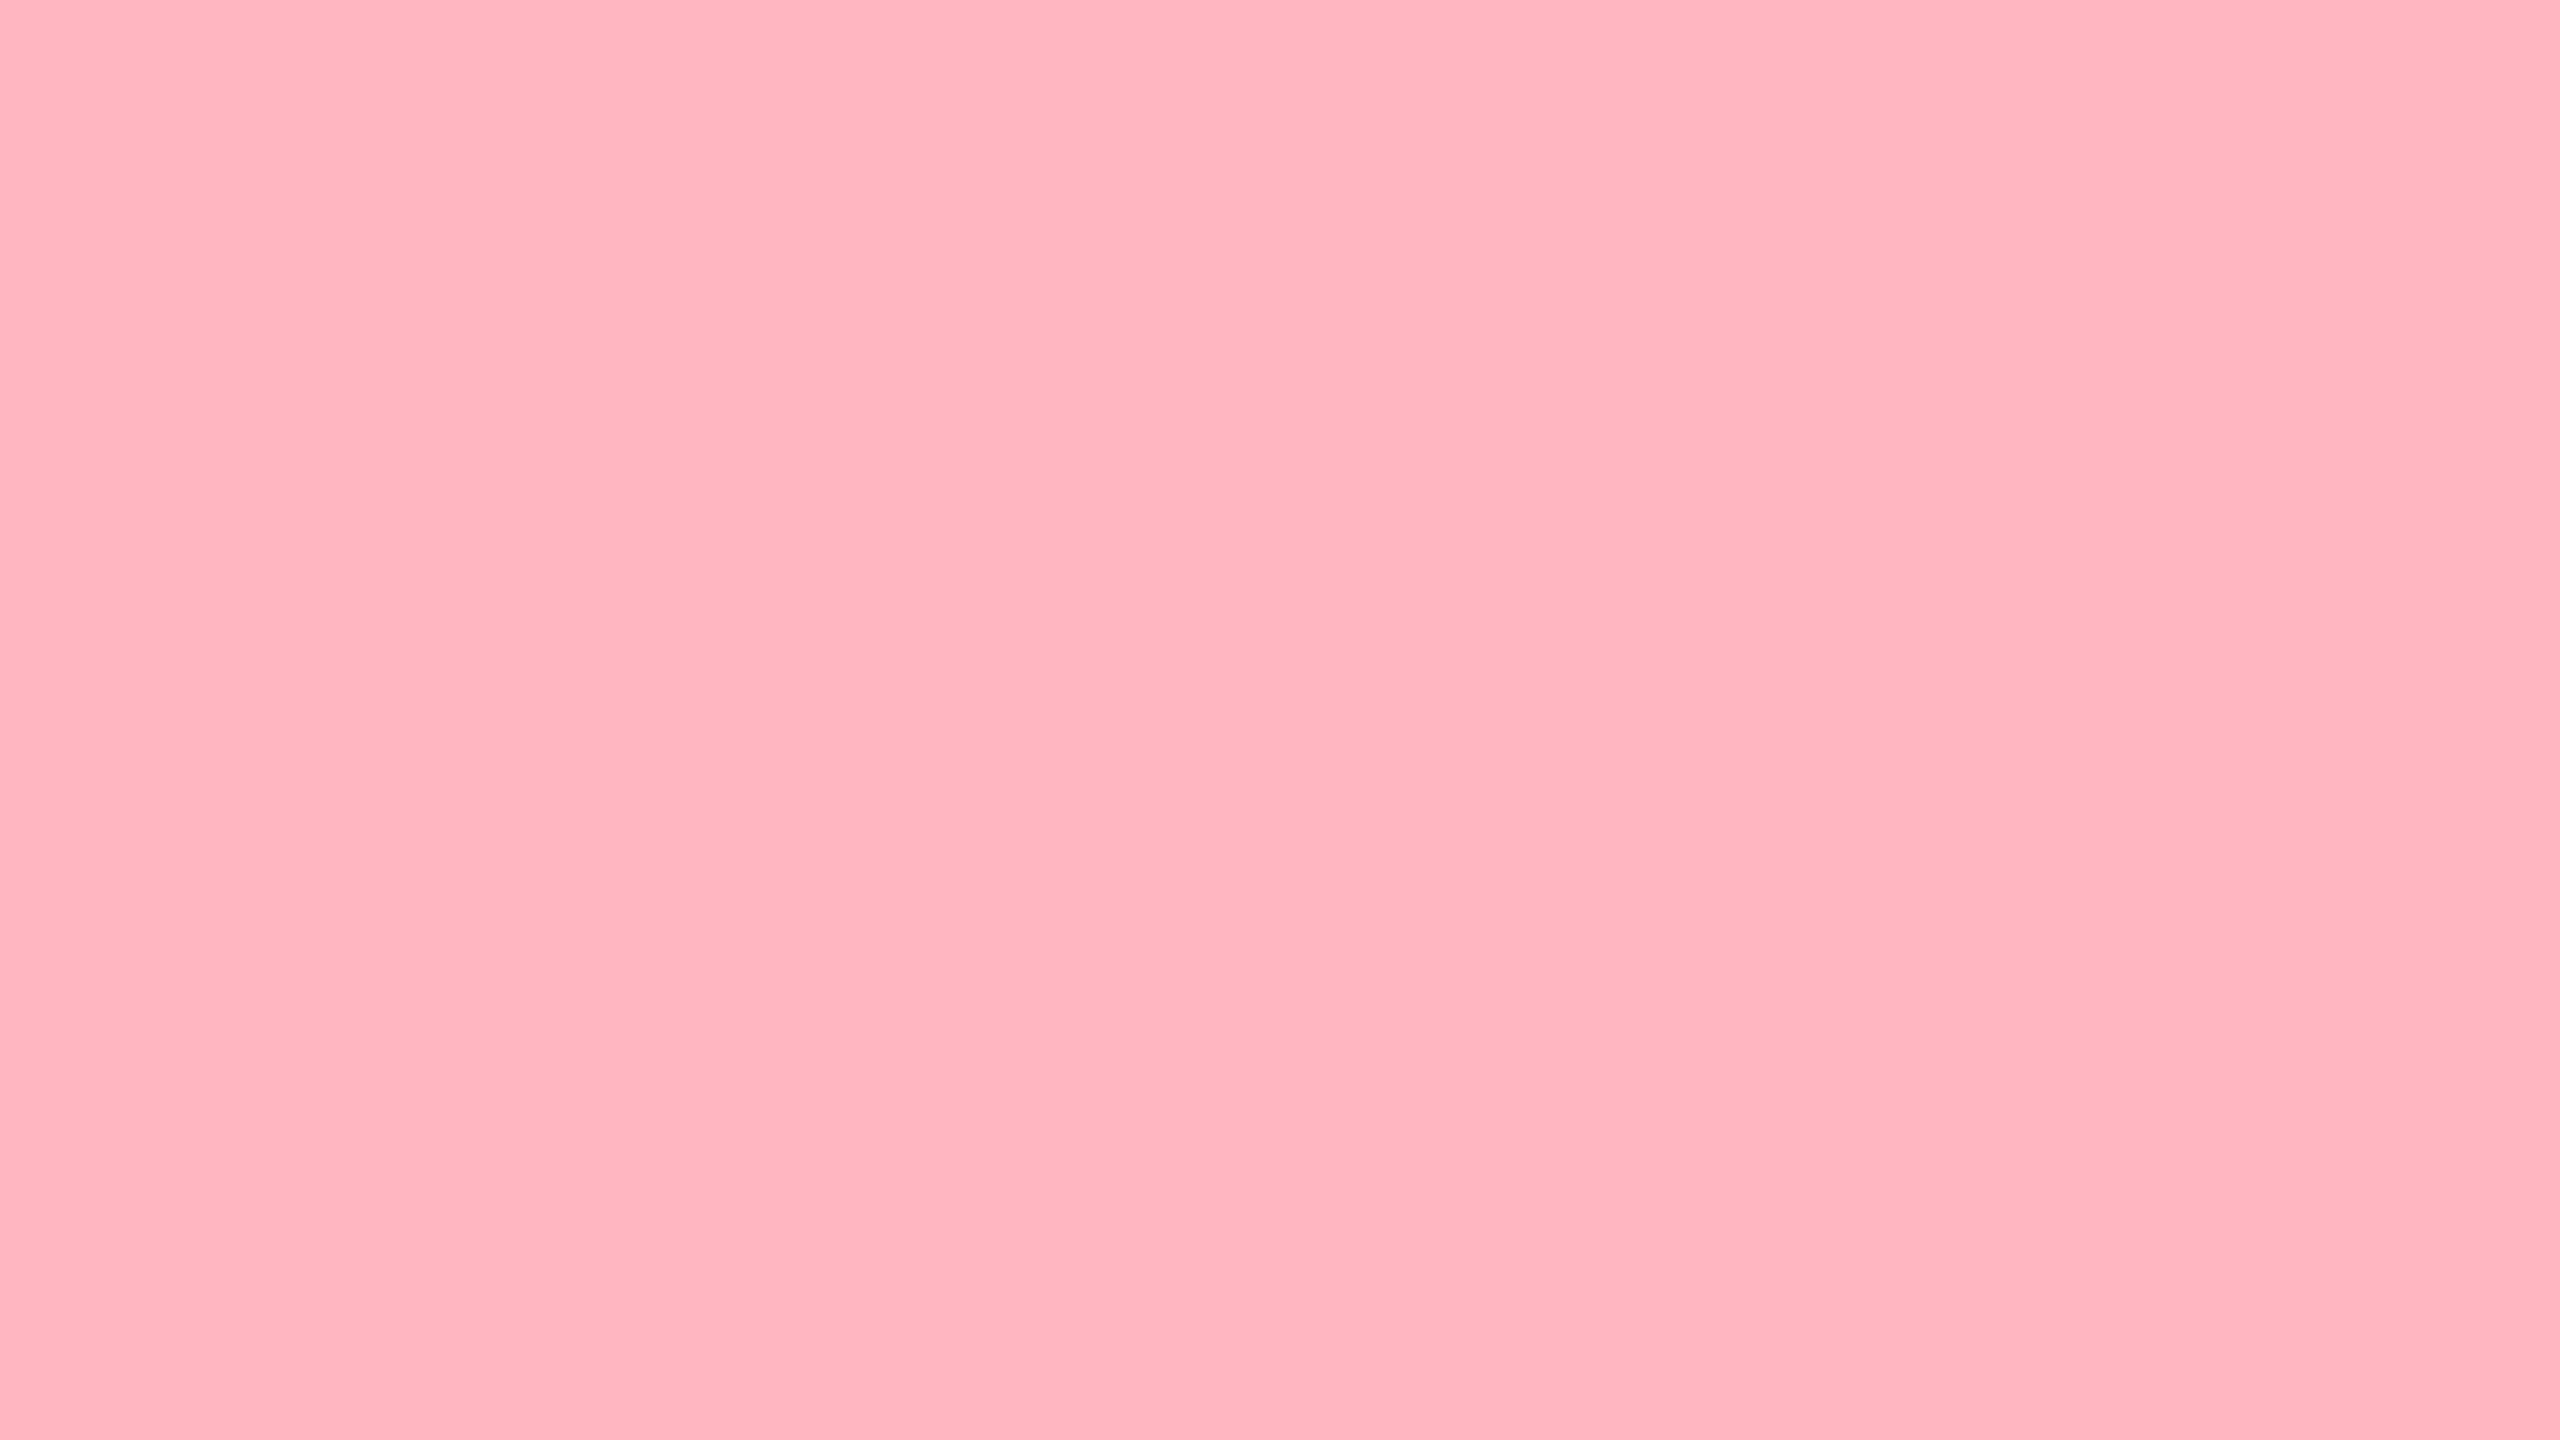 Картинки фон однотонный розовый